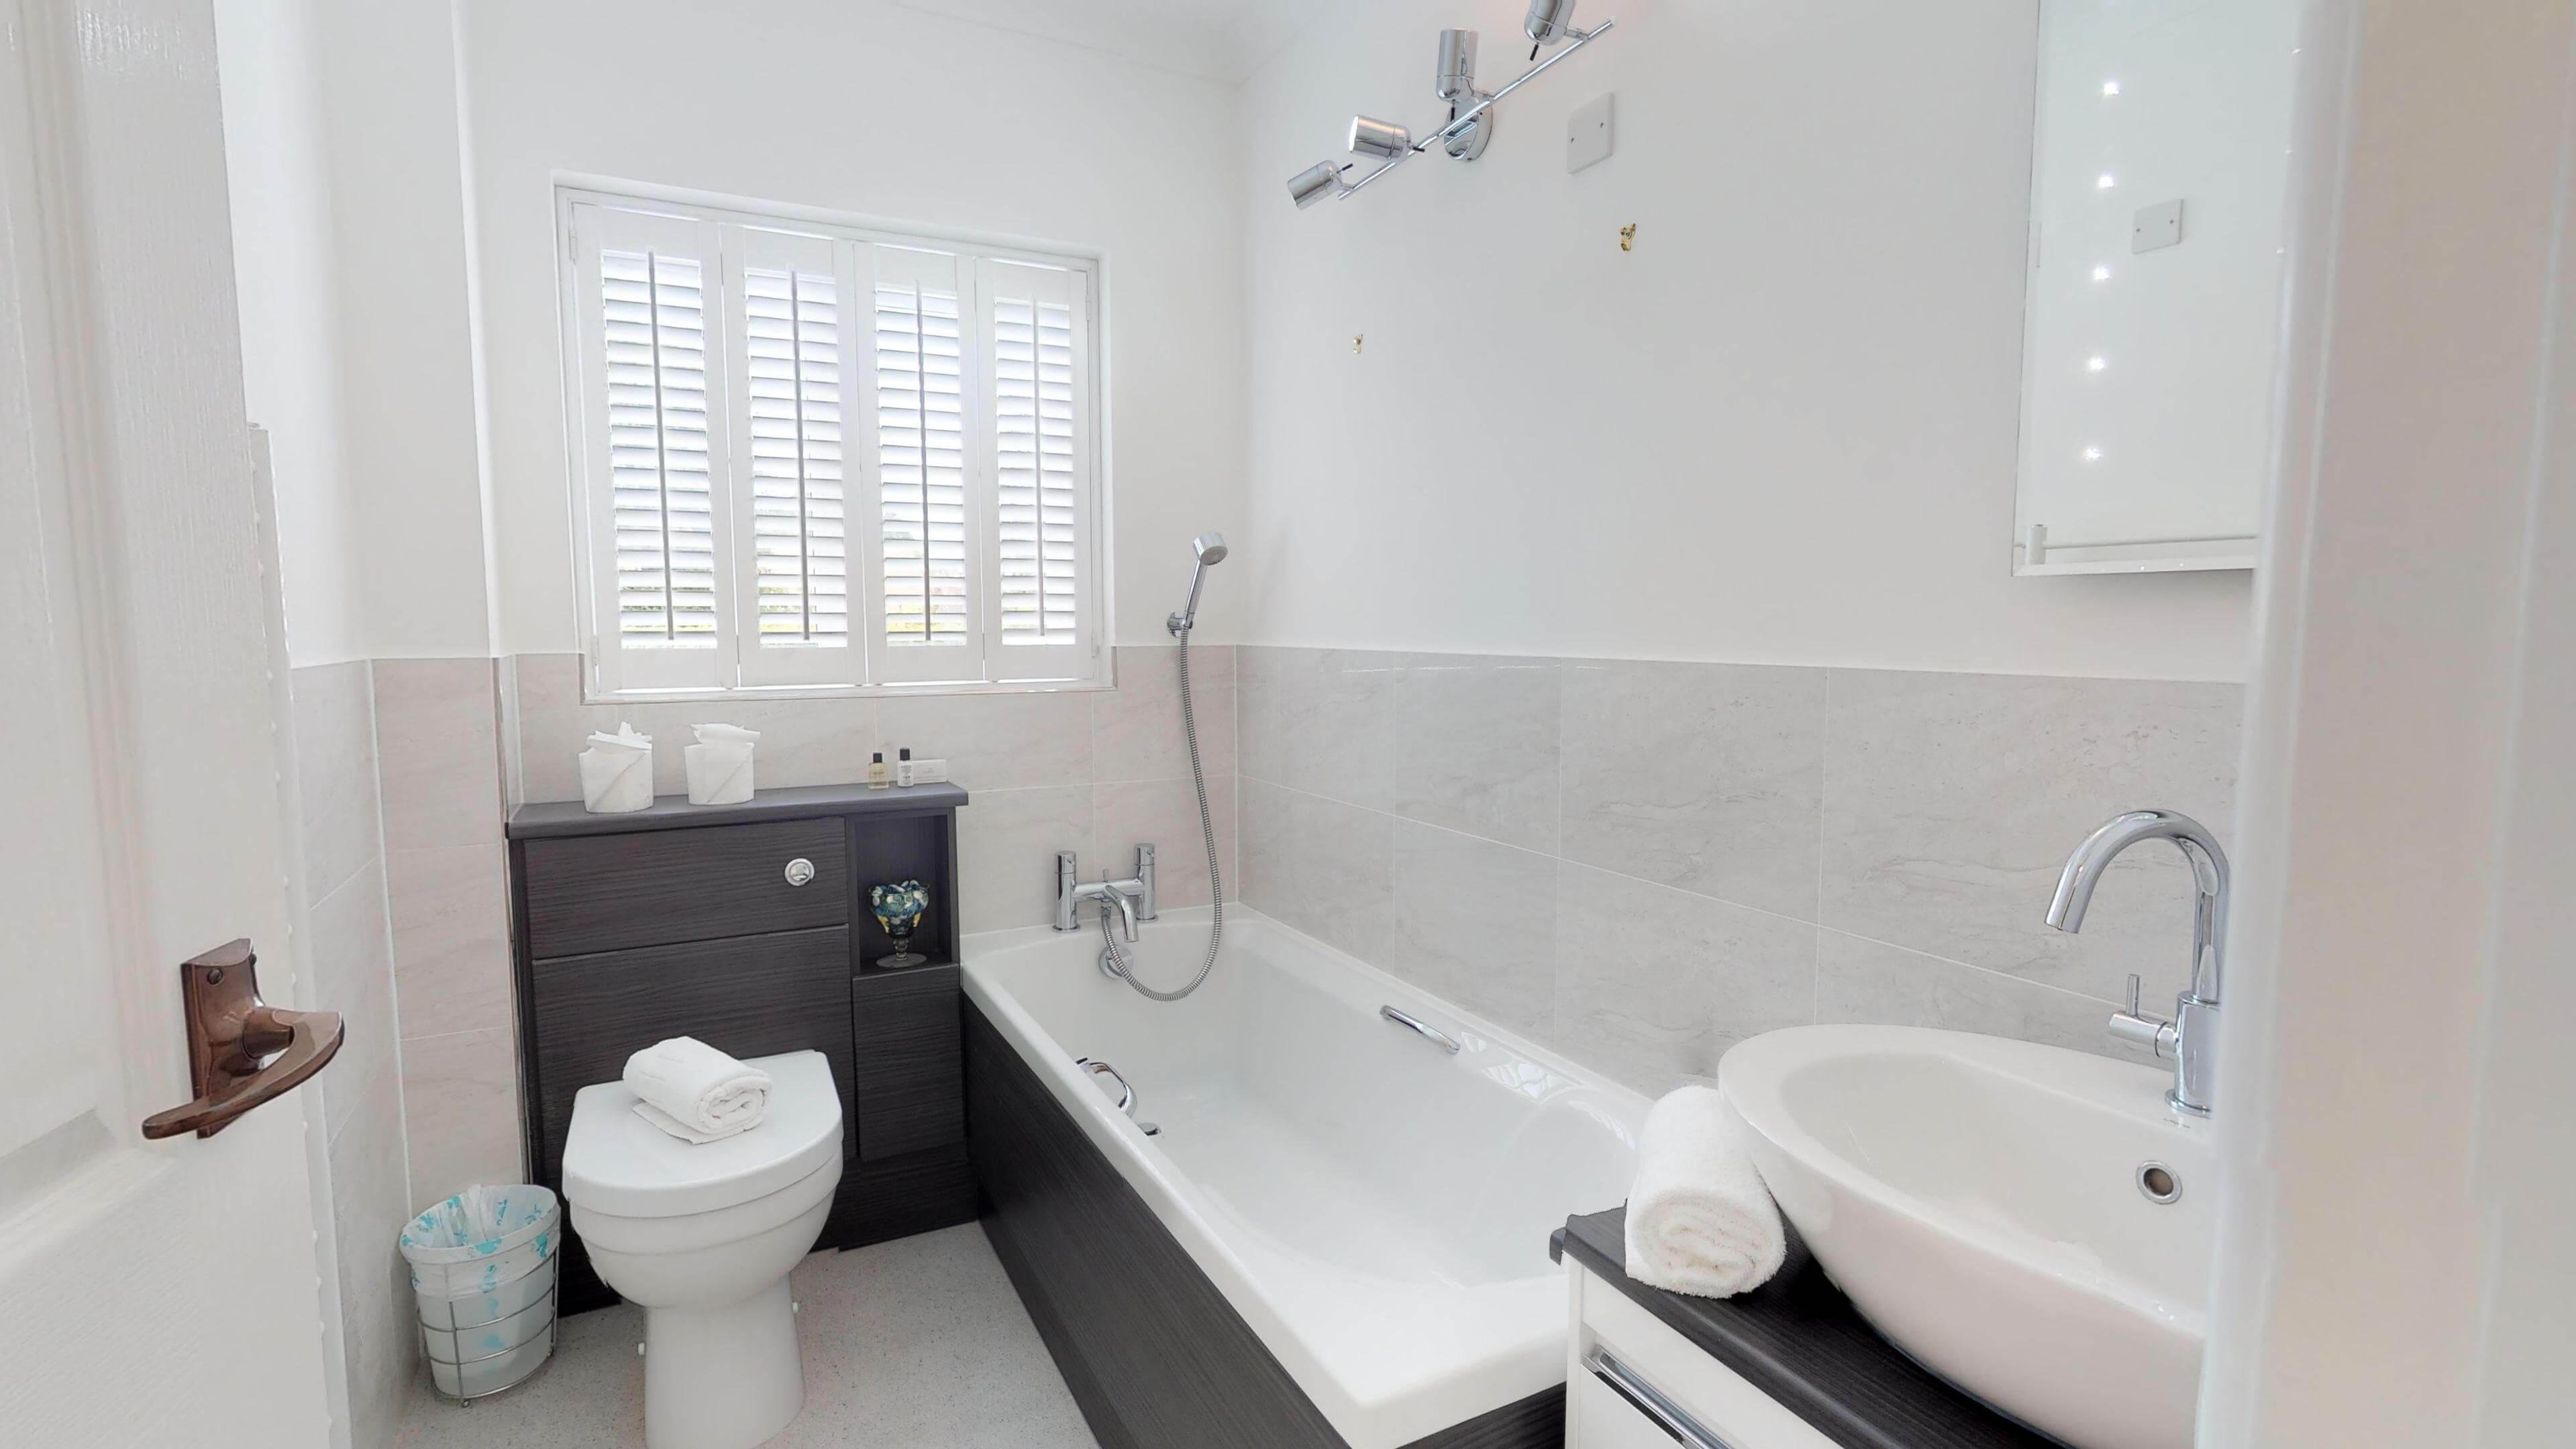 Blenheim Gate Family Bathroom 1